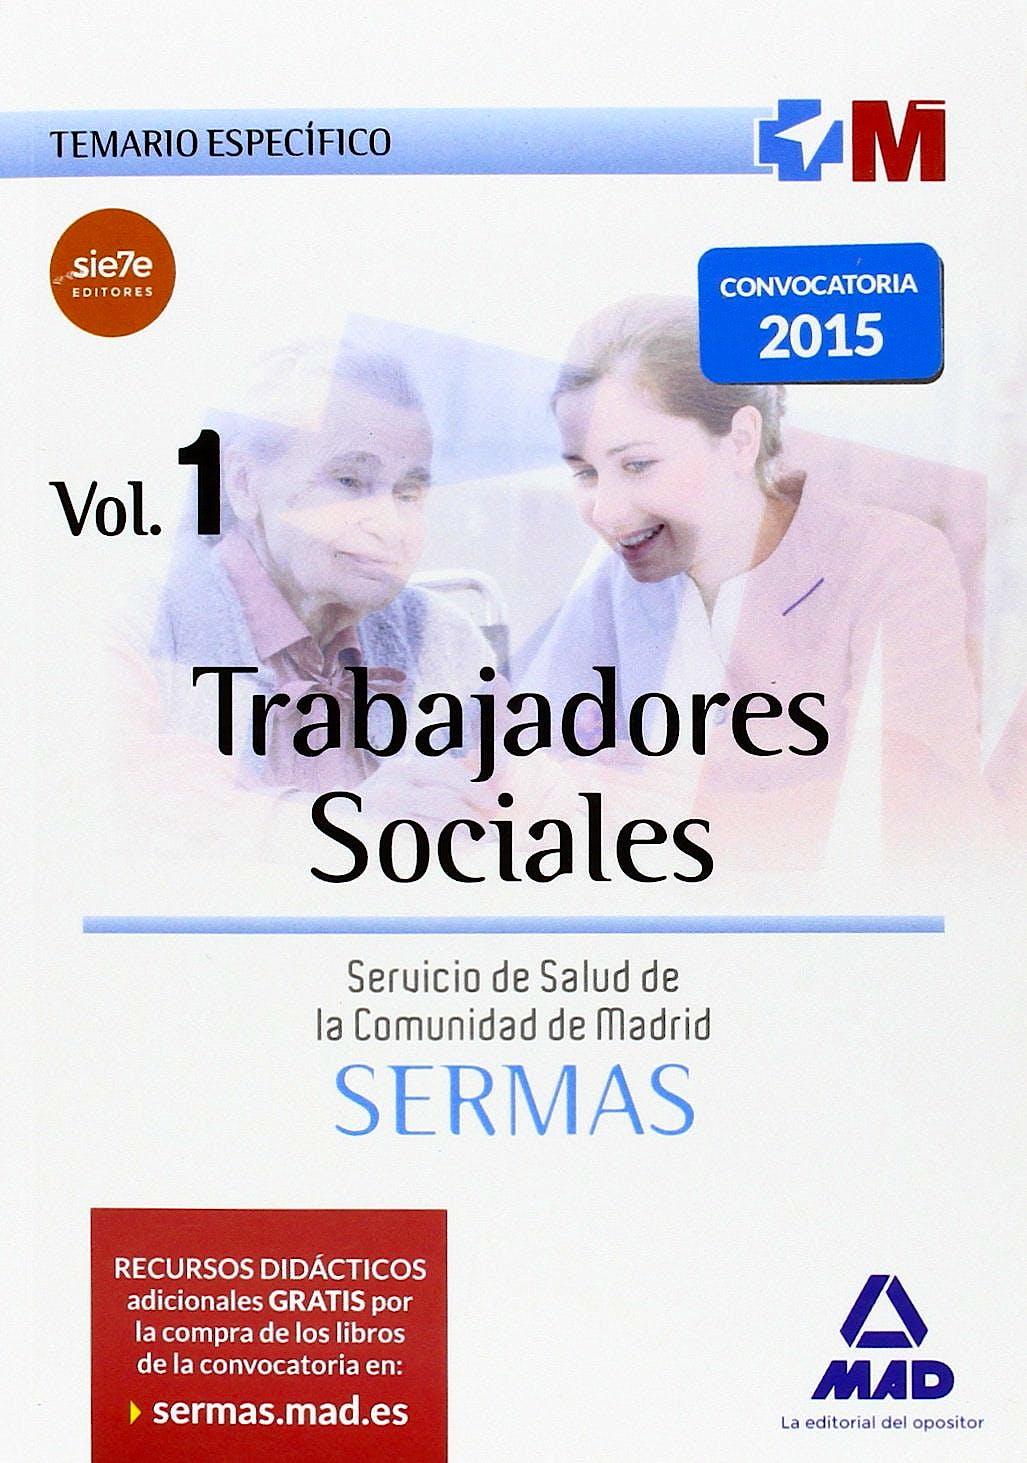 Portada del libro 9783455502725 Pack Trabajadores Sociales Servicio de Salud de la Comunidad de Madrid (Sermas) (Temario General, Temario Especifico Vols. 1 y 2 y Test)